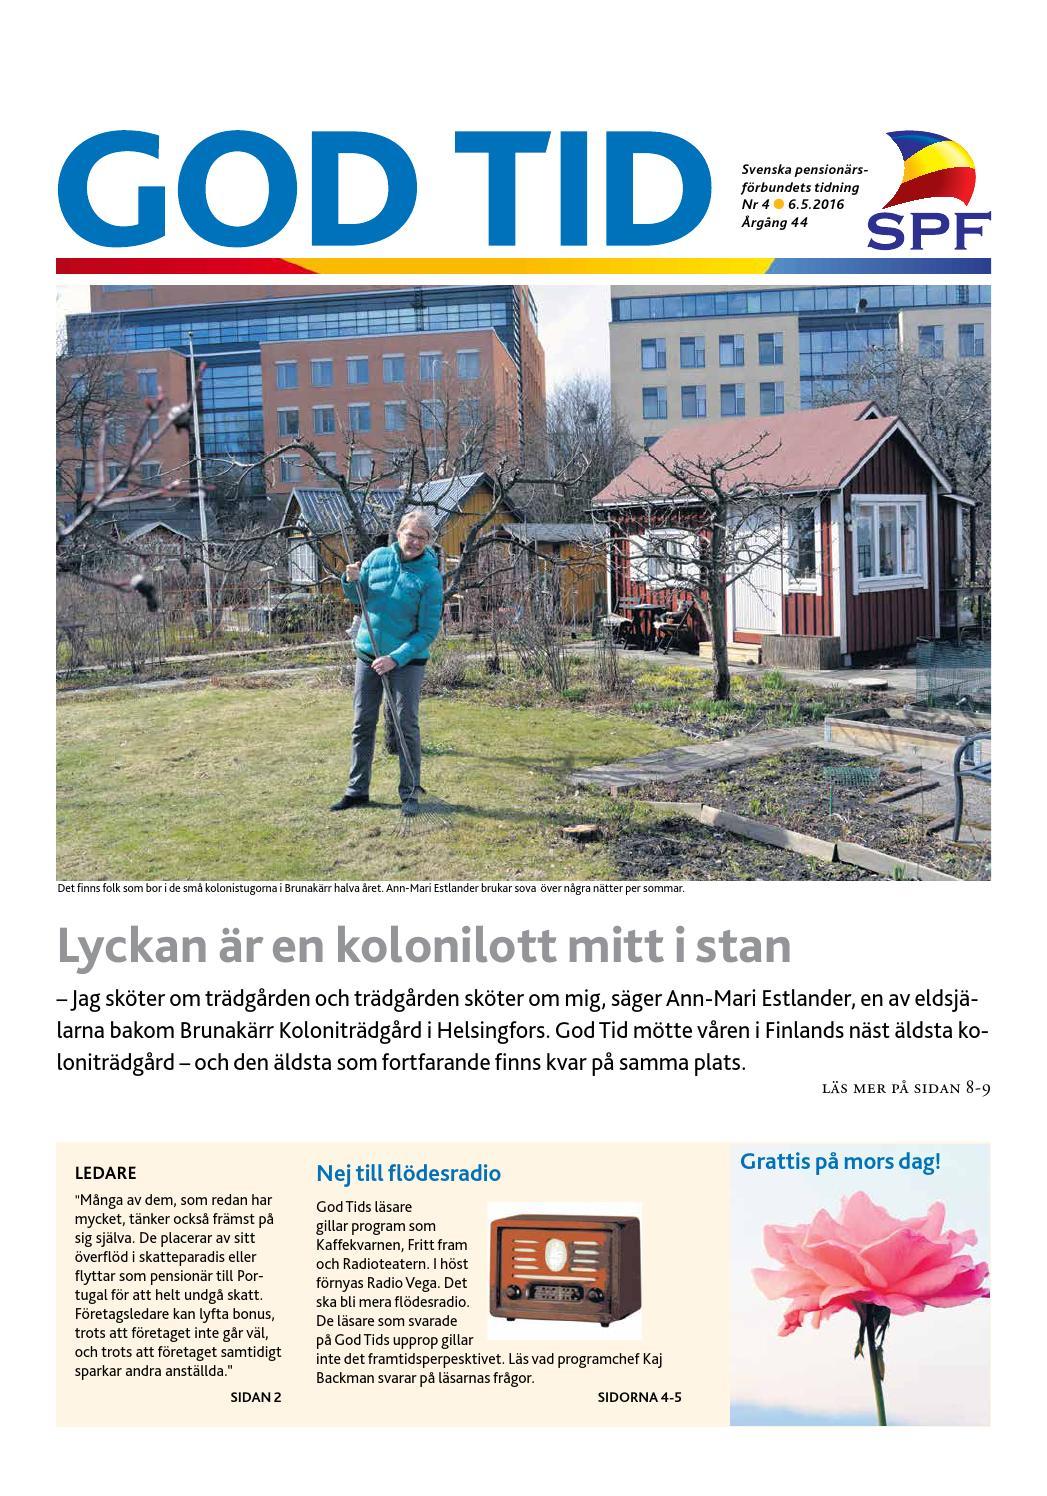 God Tid 4 2016 by Svenska pensionärsförbundet d7440f87c8cb4